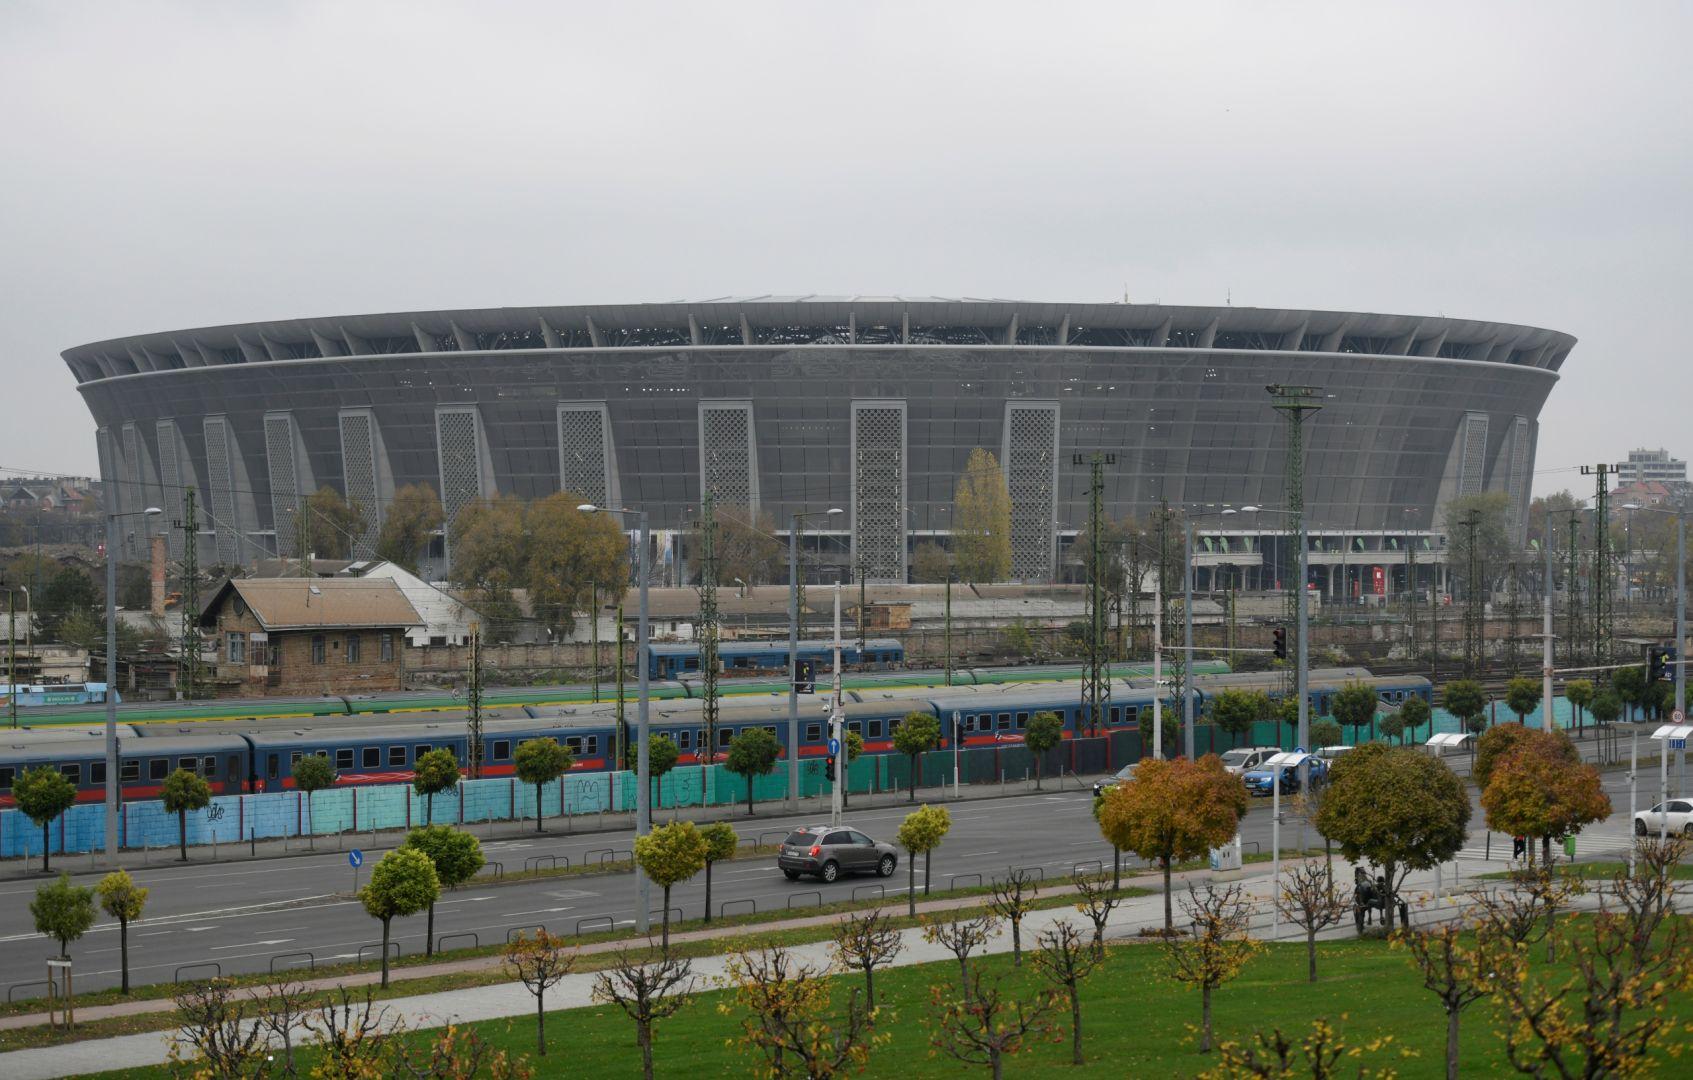 A vezető képen a mai magyar valóságot tekinthetik meg: a távolban a teljesen felesleges, túlárazott stadion, az előtérben a múlt századból itt maradt vonatok. A kép forrása: sport.sk